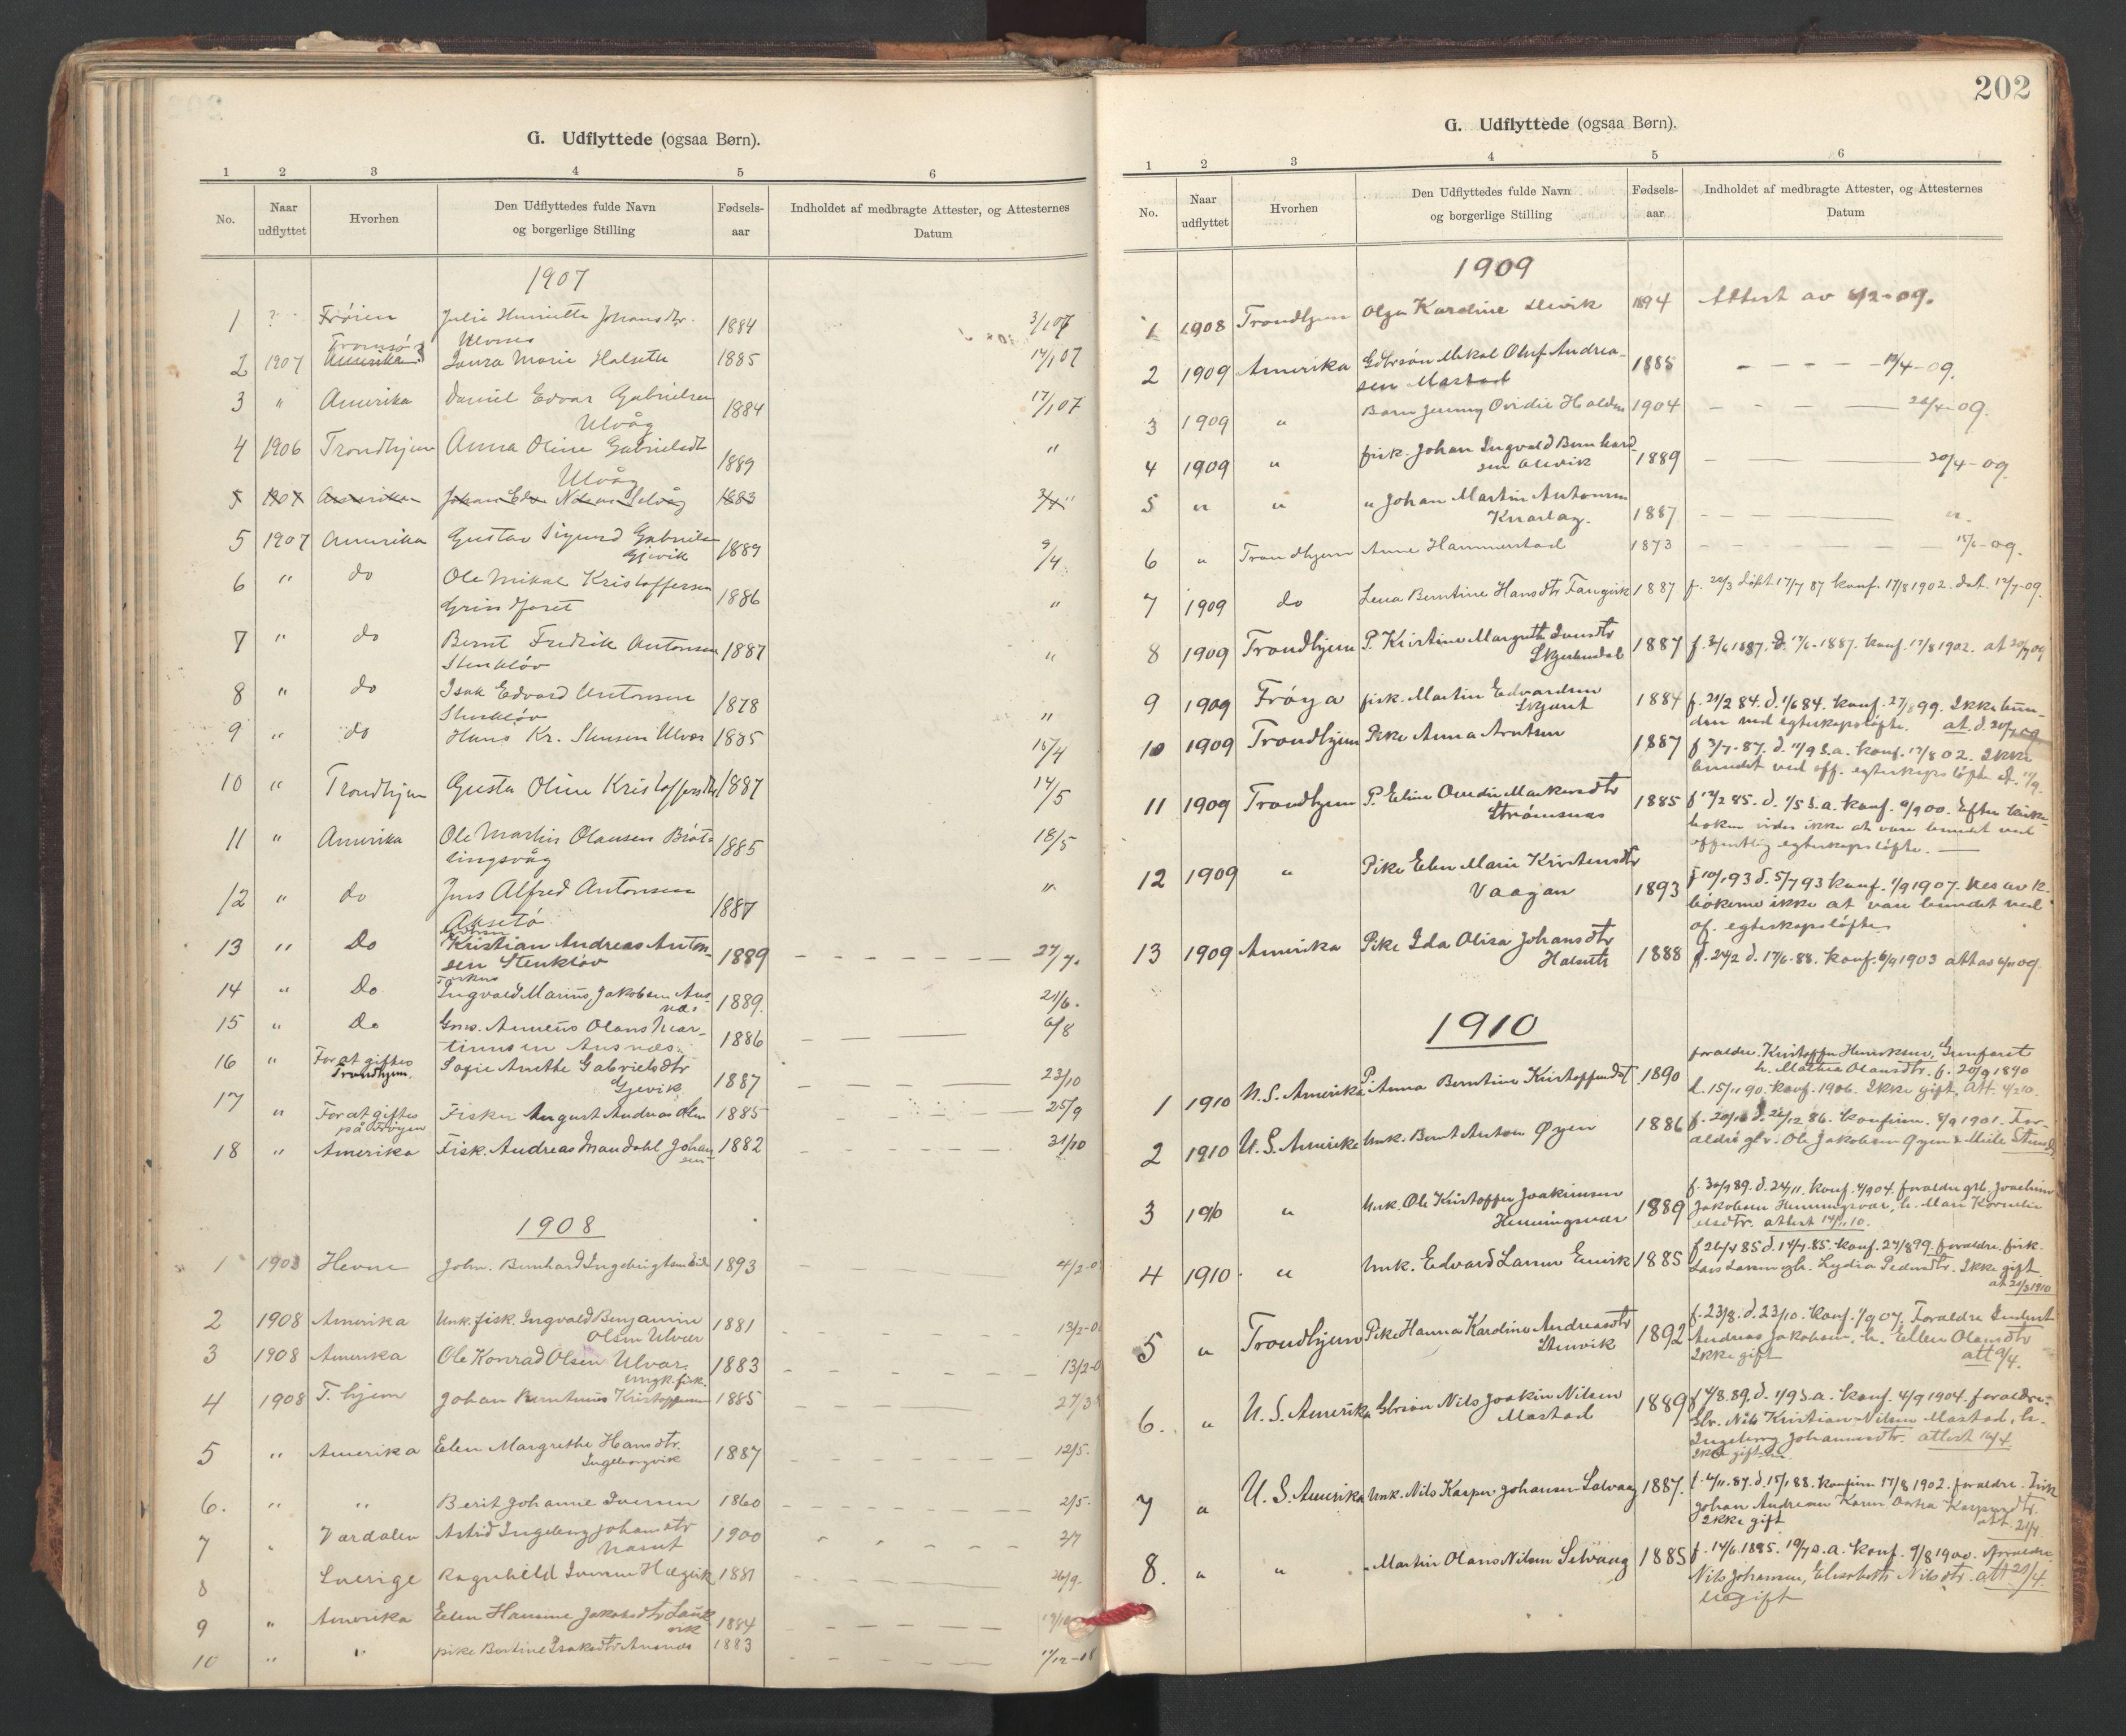 SAT, Ministerialprotokoller, klokkerbøker og fødselsregistre - Sør-Trøndelag, 637/L0559: Ministerialbok nr. 637A02, 1899-1923, s. 202